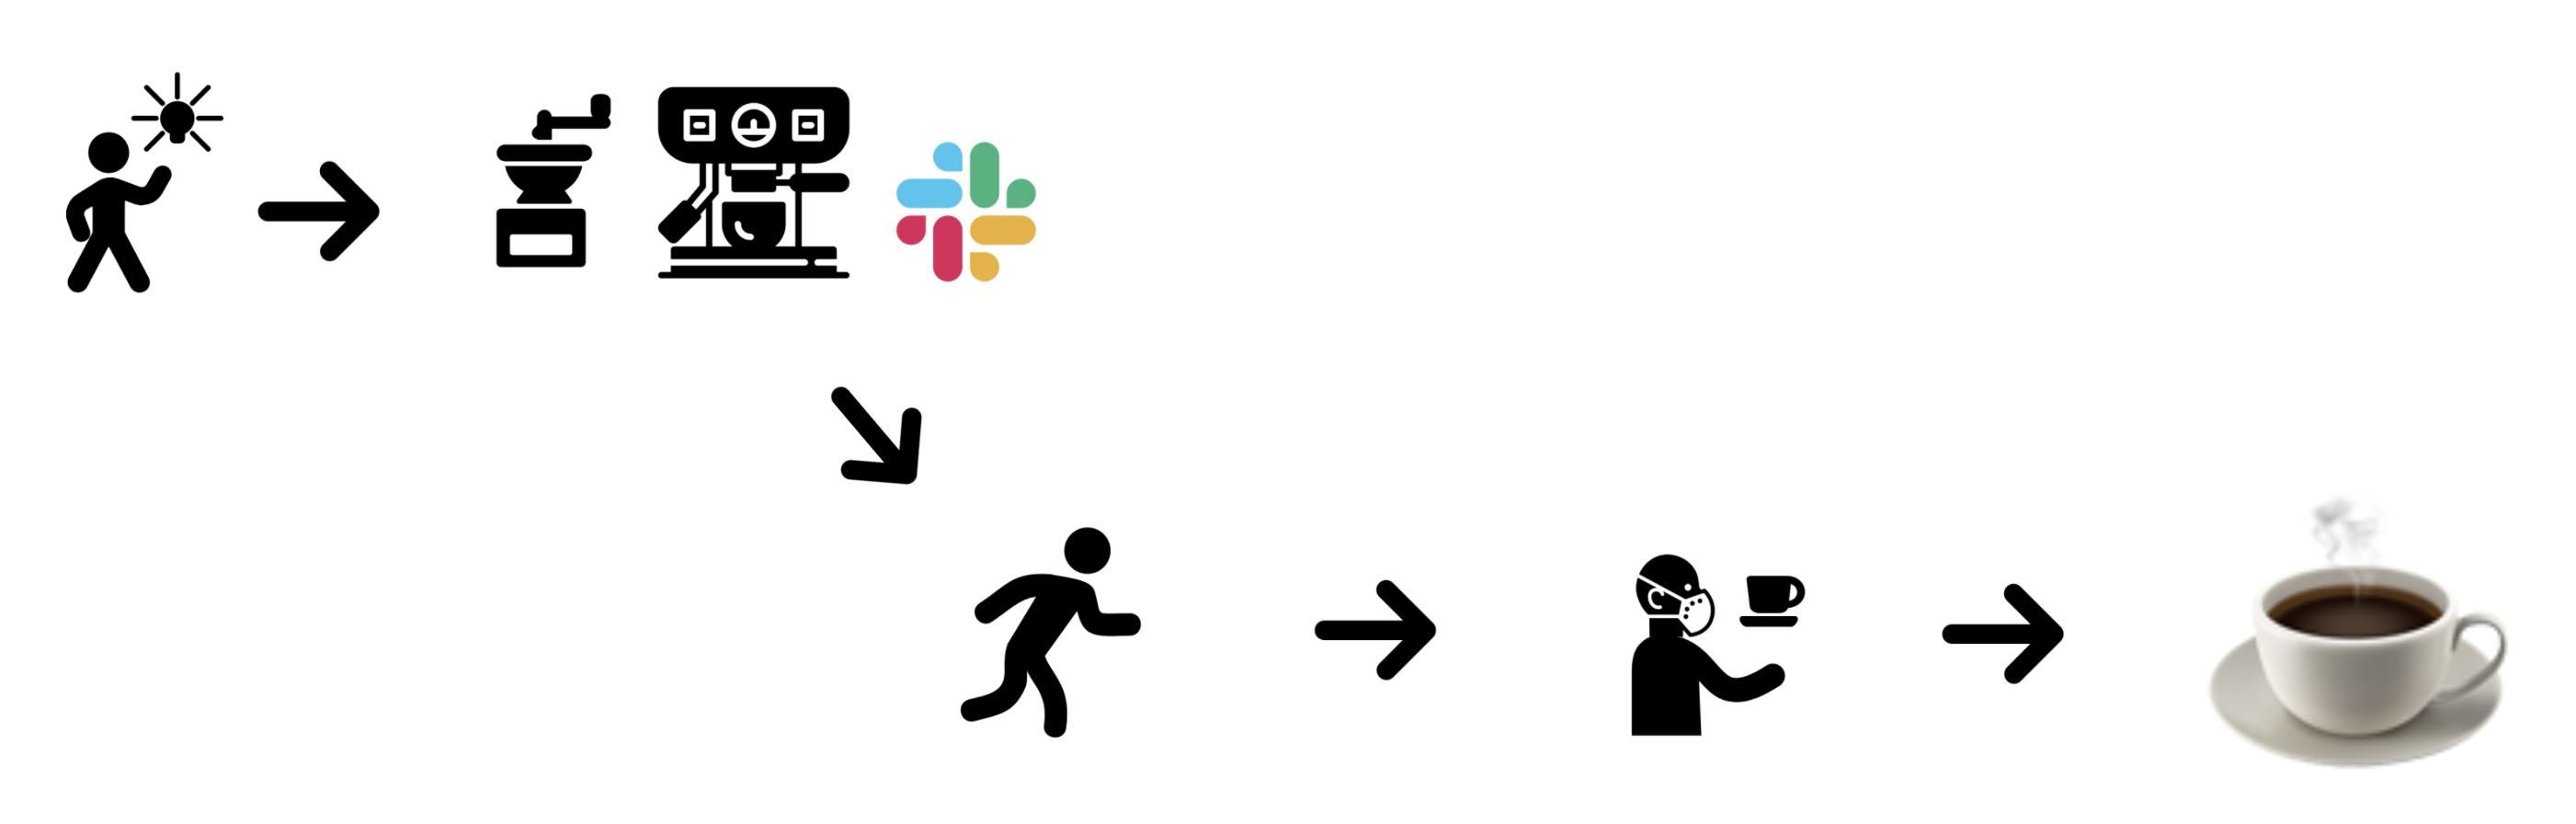 Coffee Process Diagram: idea -> brewing -> slack message